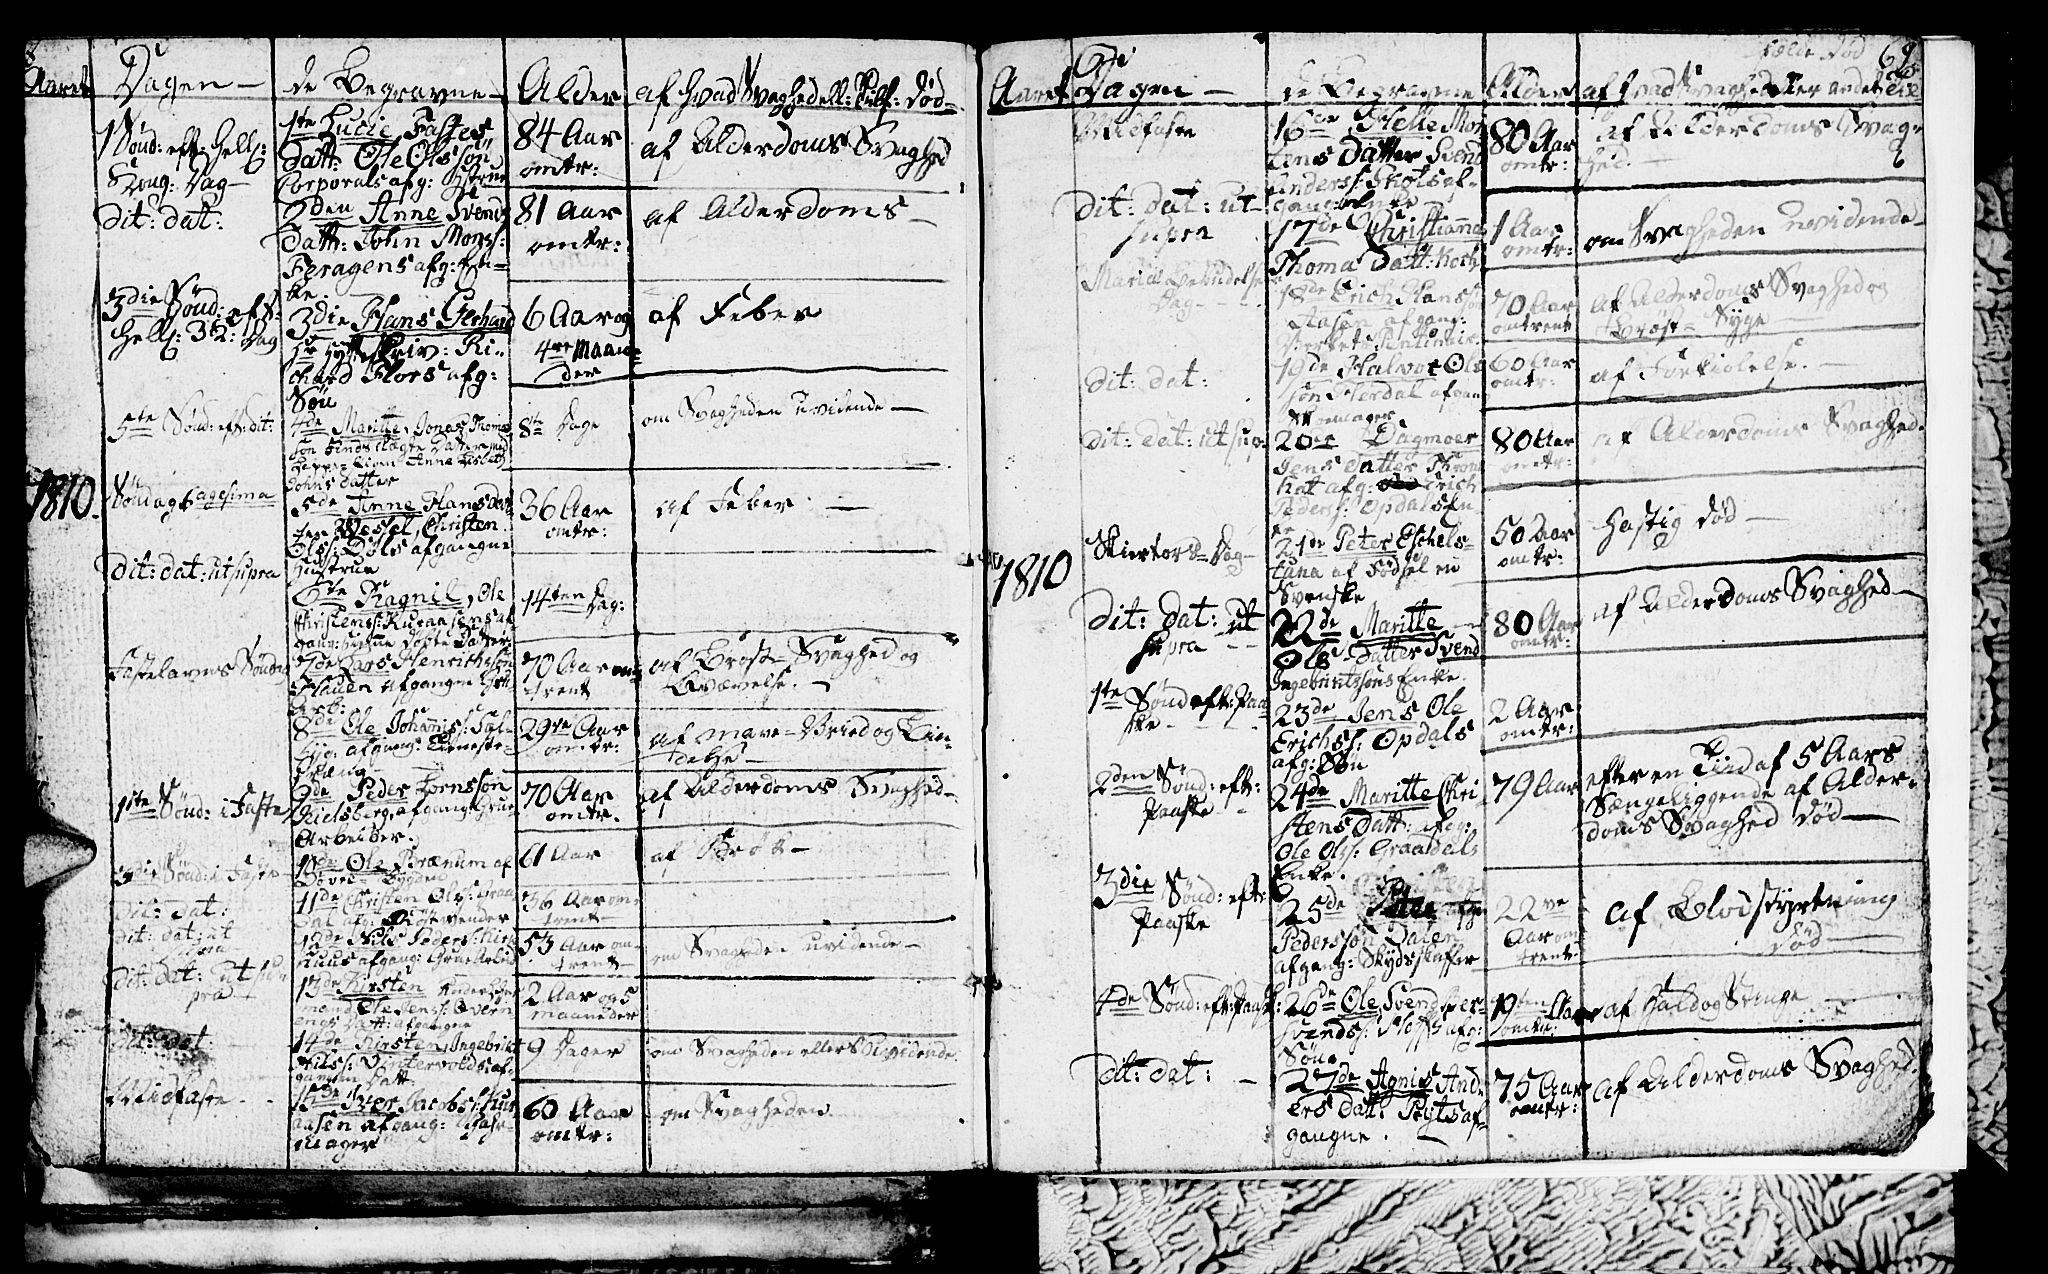 SAT, Ministerialprotokoller, klokkerbøker og fødselsregistre - Sør-Trøndelag, 681/L0937: Klokkerbok nr. 681C01, 1798-1810, s. 68-69